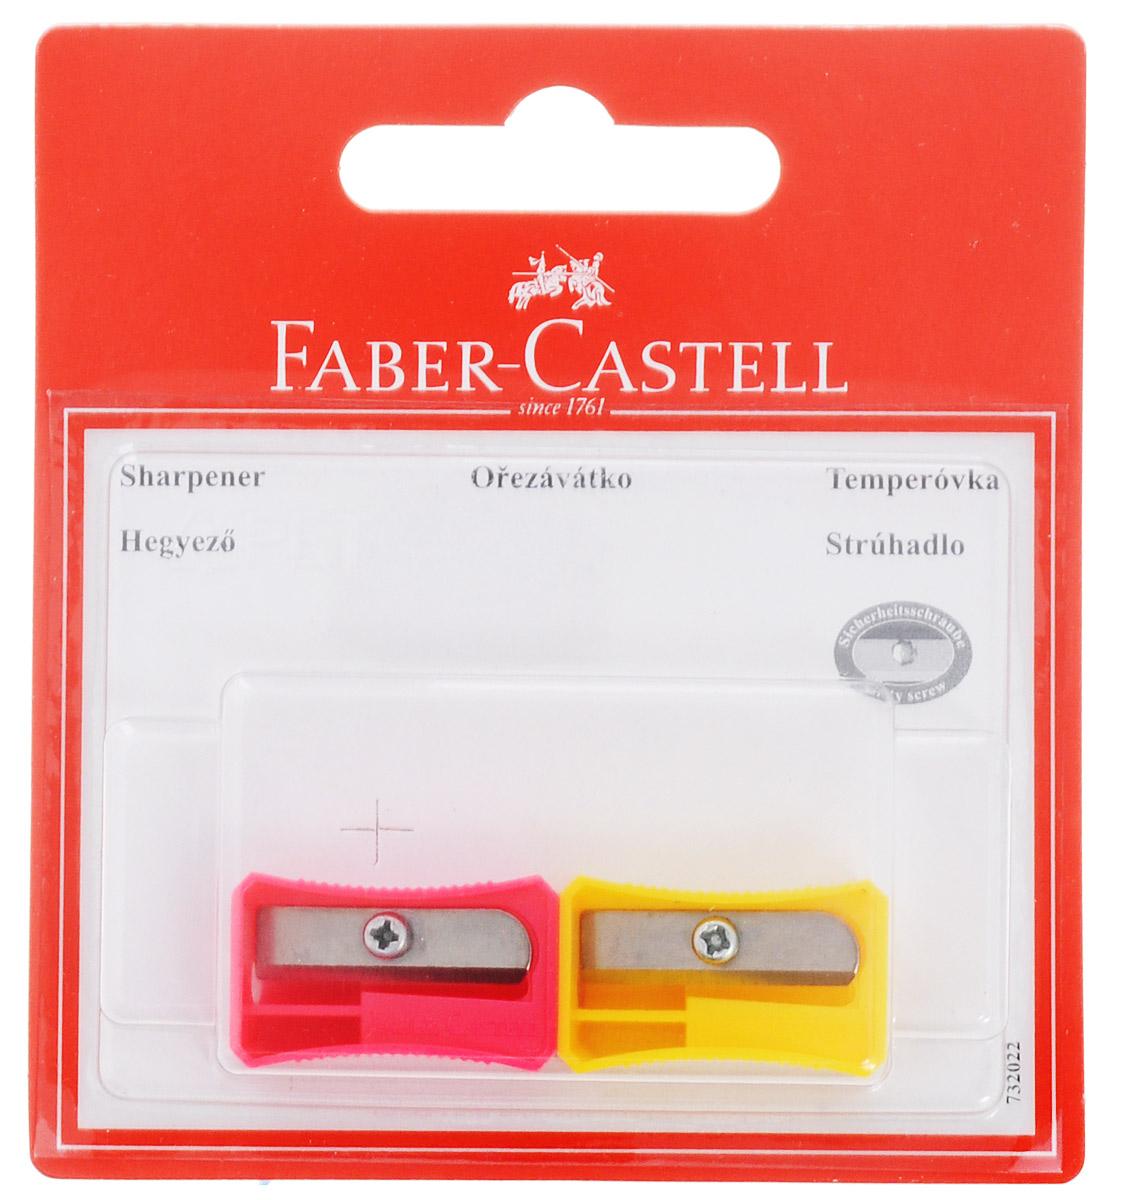 Faber-Castell Точилка цвет розовый желтый 2 шт263221_розовый, желтыйТочилка Faber-Castell предназначена для затачивания классических простых и цветных карандашей. В наборе две точилки из пластика розового и желтого цветов с рифленой областью захвата. Острые лезвия обеспечивают высококачественную и точную заточку деревянных карандашей.